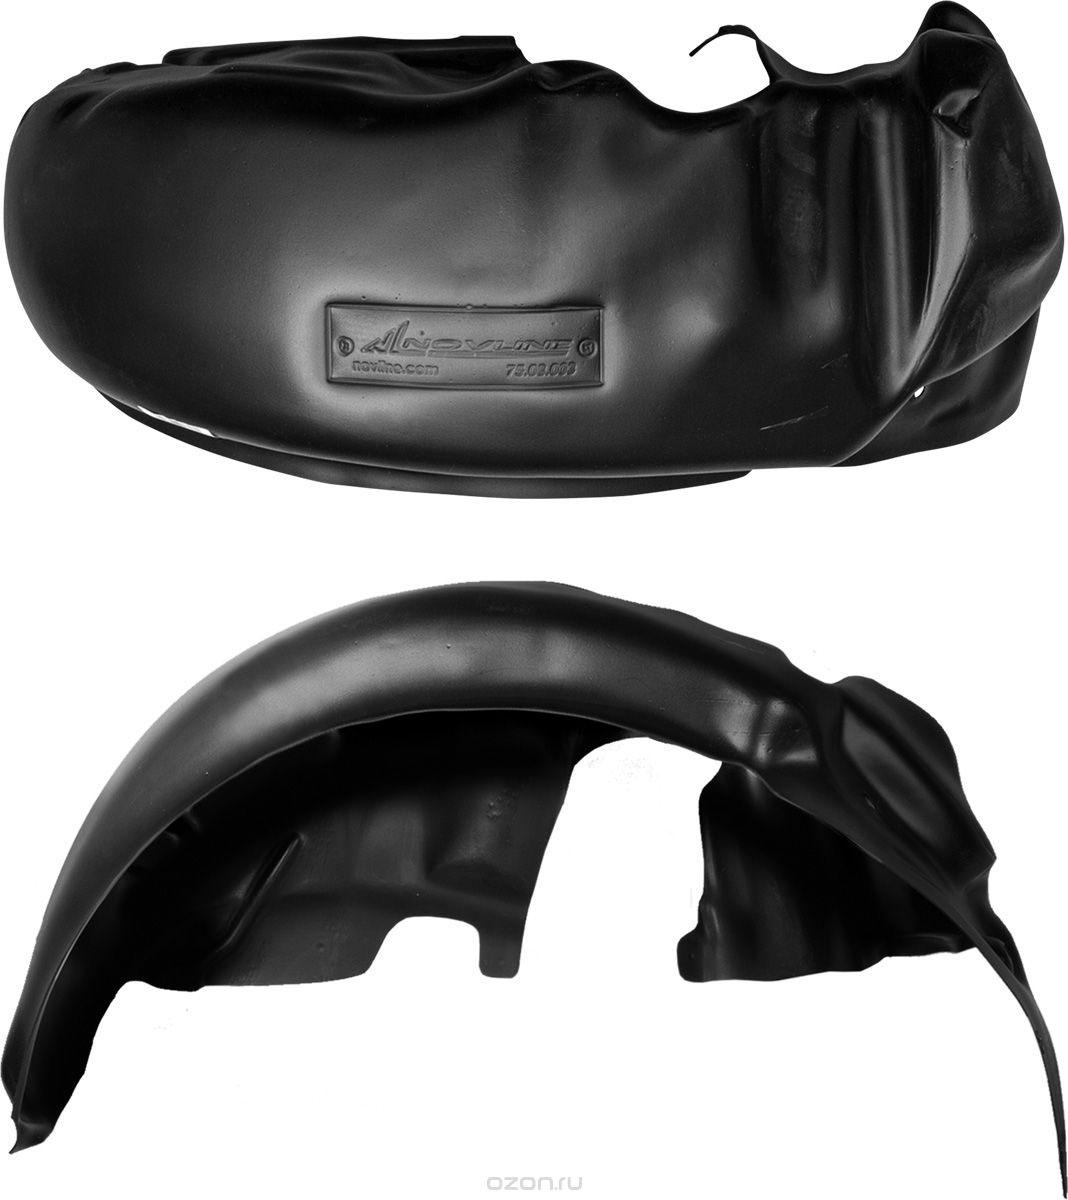 Подкрылок Novline-Autofamily, для Toyota Auris, 03/2007-2013, передний правыйNLL.48.16.002Идеальная защита колесной ниши. Локеры разработаны с применением цифровых технологий, гарантируют максимальную повторяемость поверхности арки. Изделия устанавливаются без нарушения лакокрасочного покрытия автомобиля, каждый подкрылок комплектуется крепежом. Уважаемые клиенты, обращаем ваше внимание, что фотографии на подкрылки универсальные и не отражают реальную форму изделия. При этом само изделие идет точно под размер указанного автомобиля.